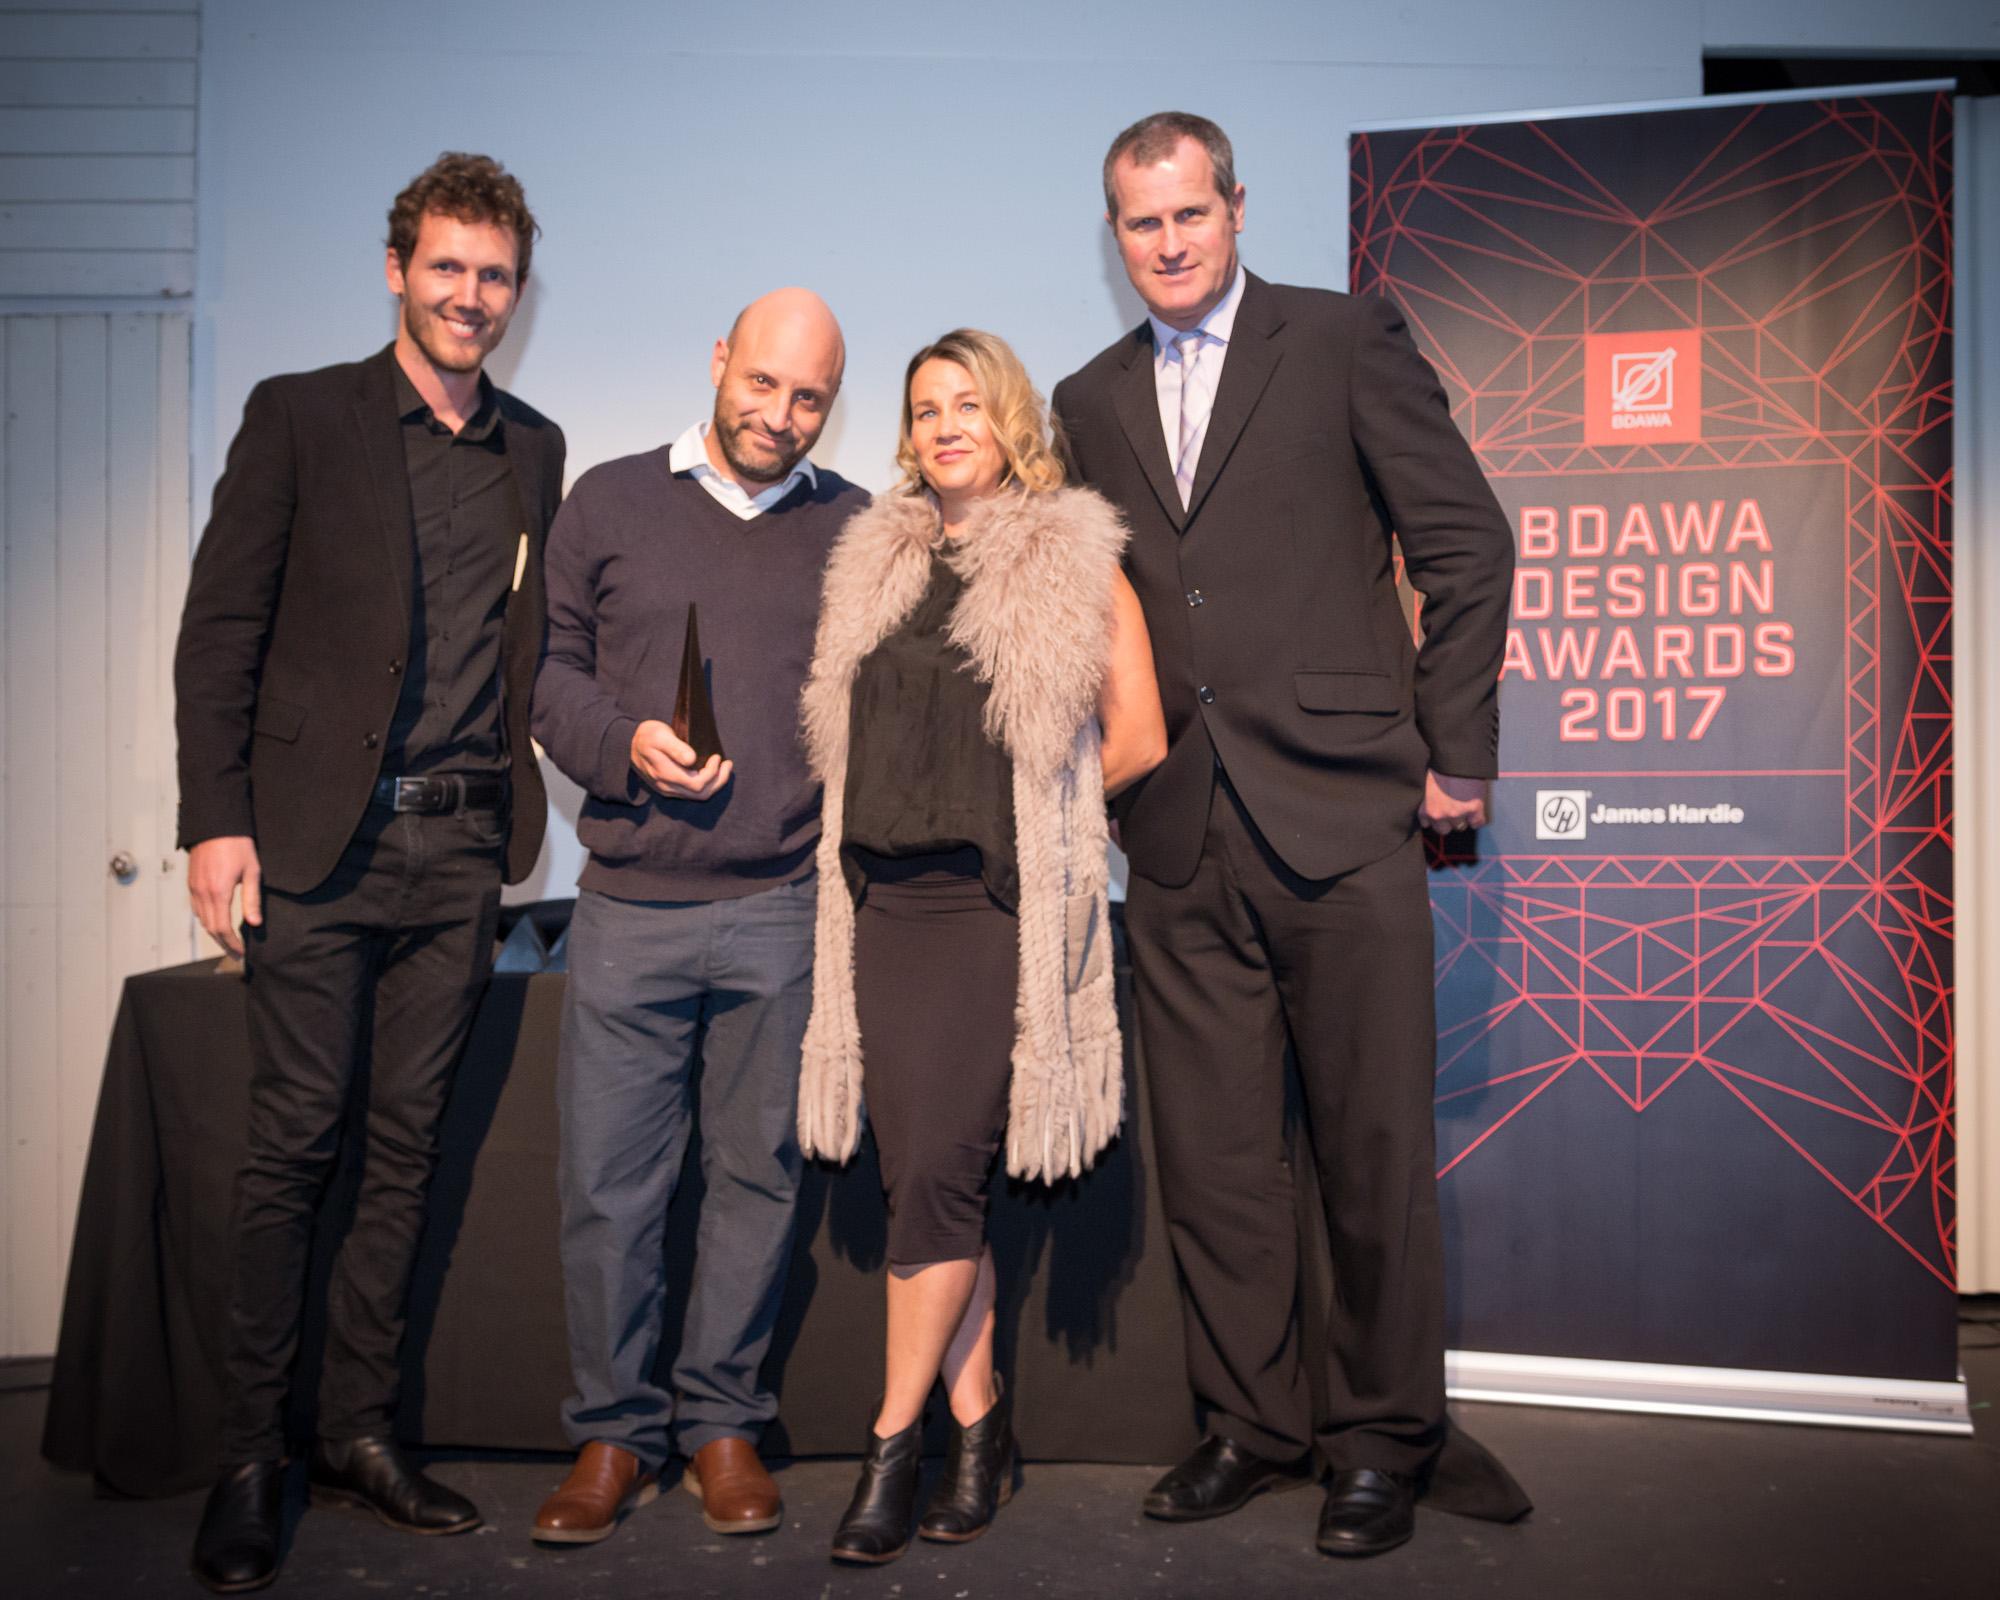 0115 BDA WA Awards 2017 _JHG7293.jpg